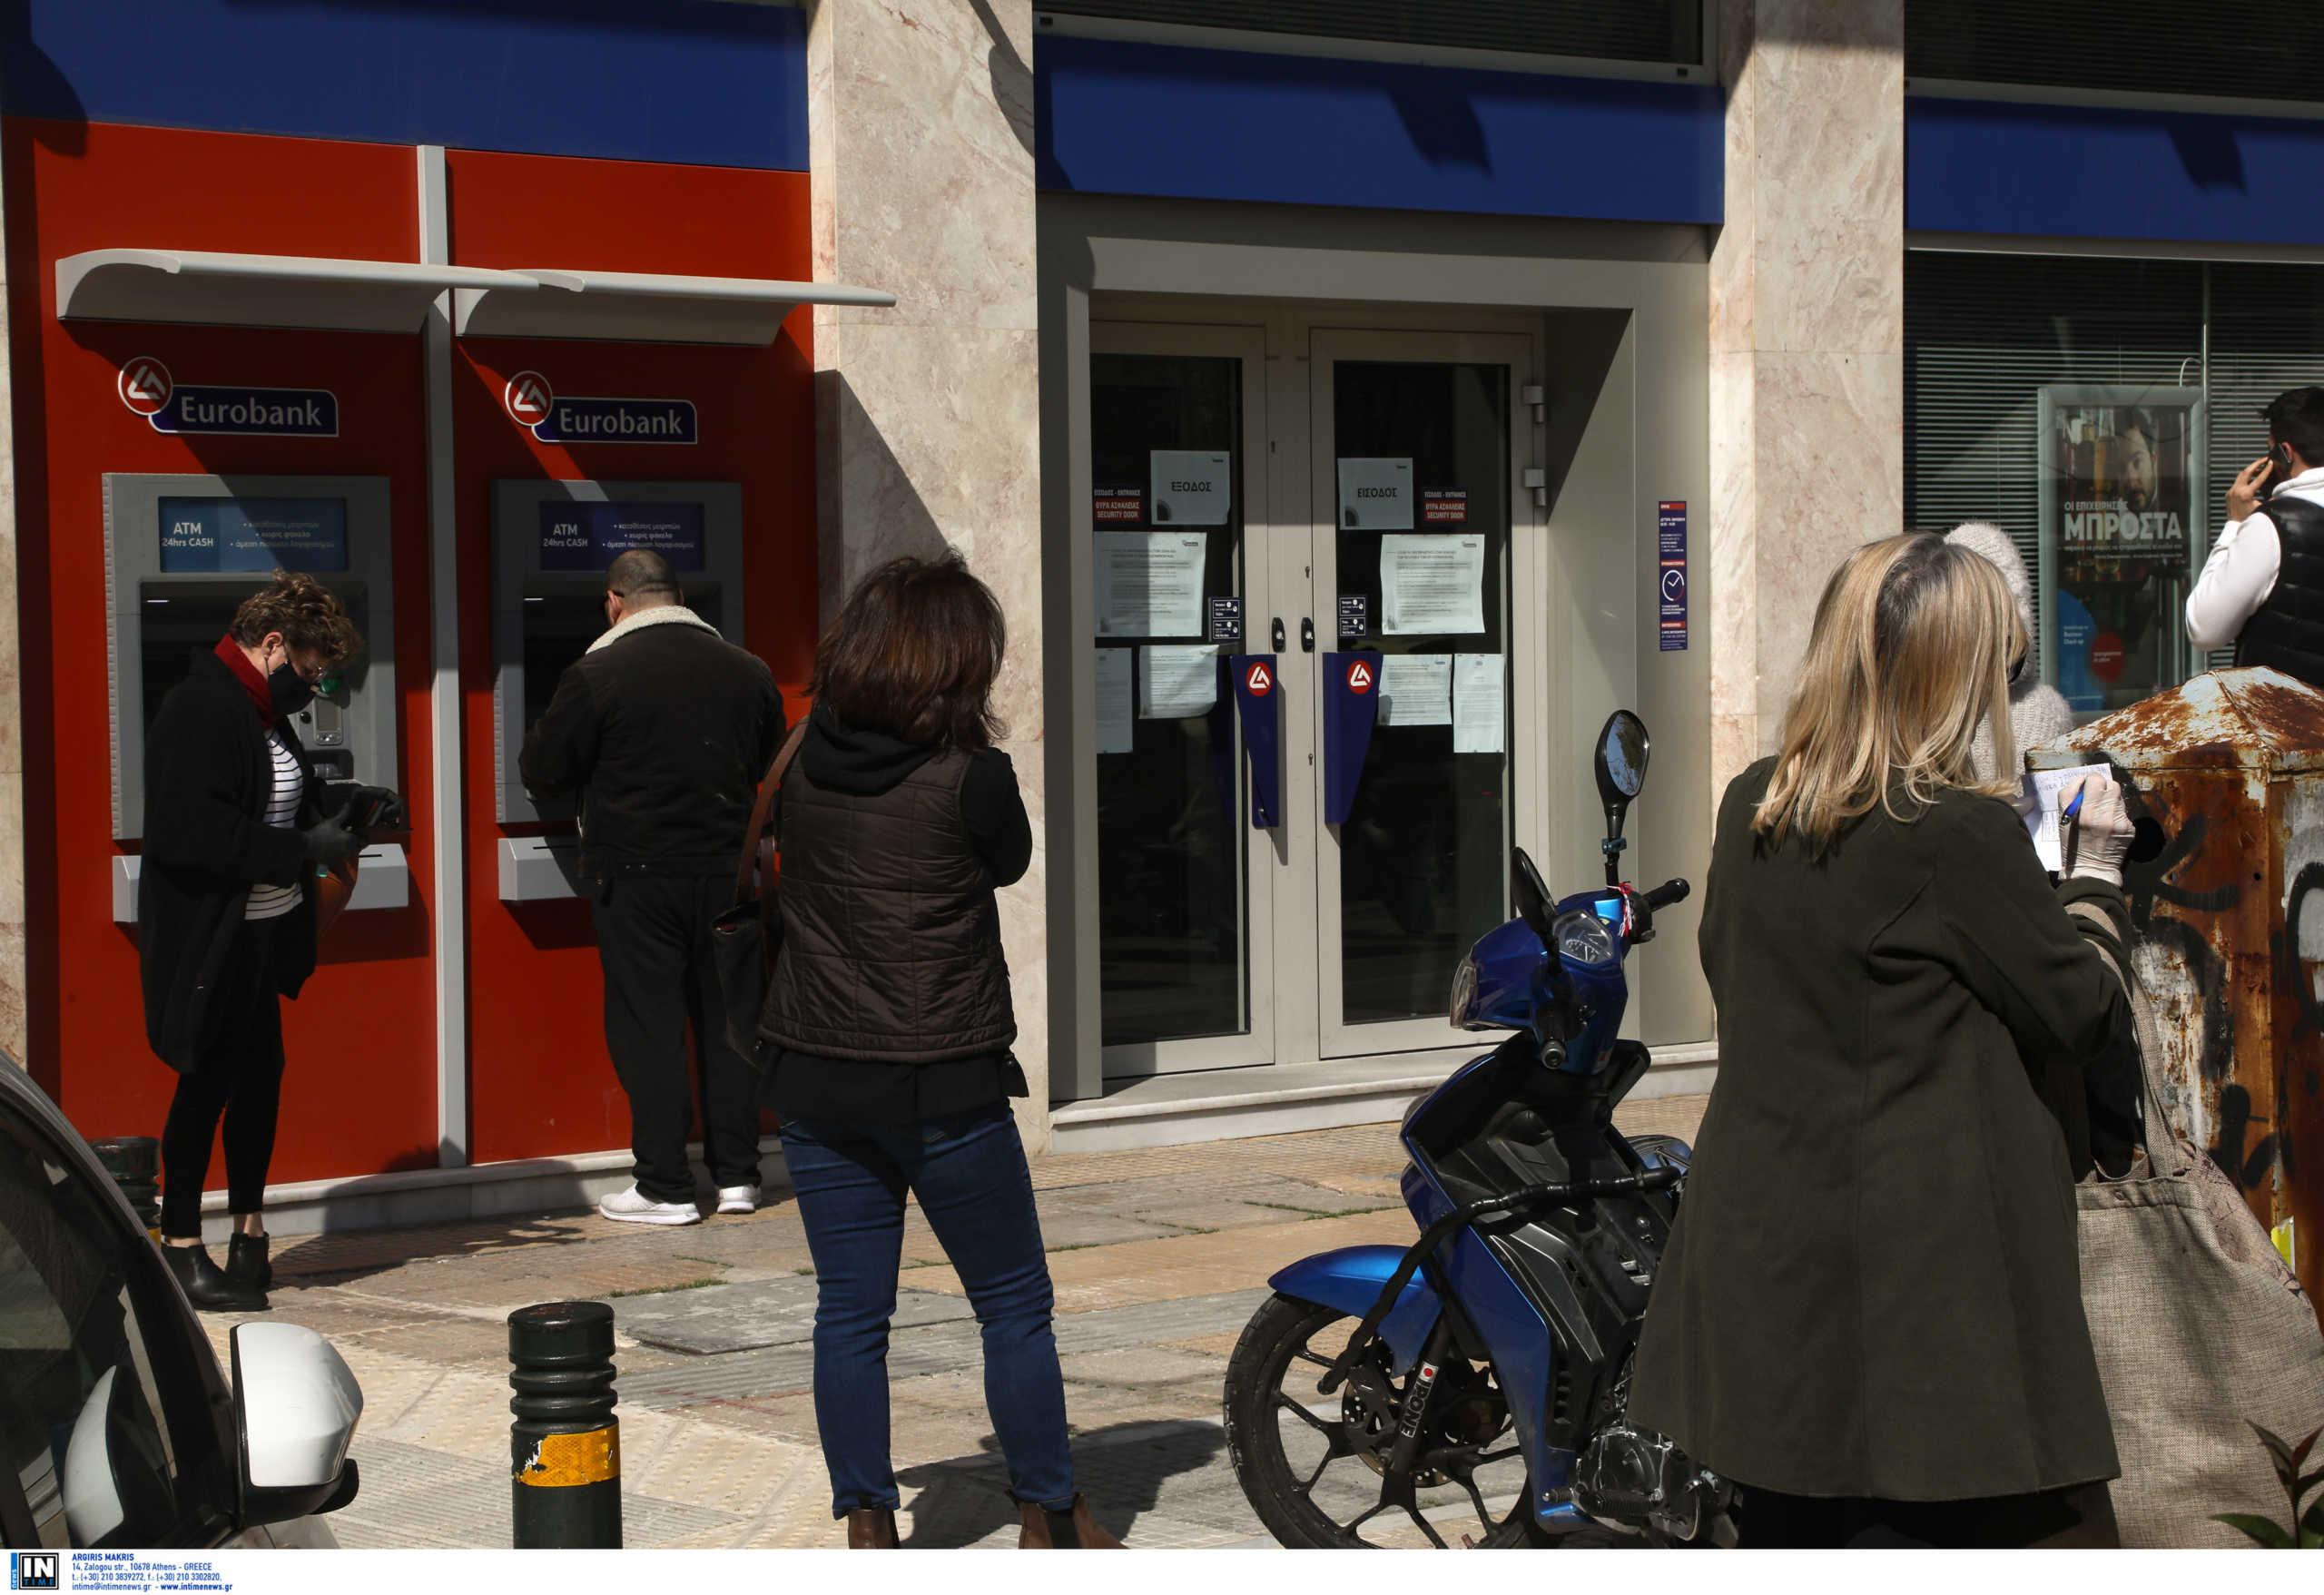 Σε δύσκολη θέση οι Έλληνες καταναλωτές –  6 στους 10 αδυνατούν να πληρώσουν έγκαιρα τους λογαριασμούς